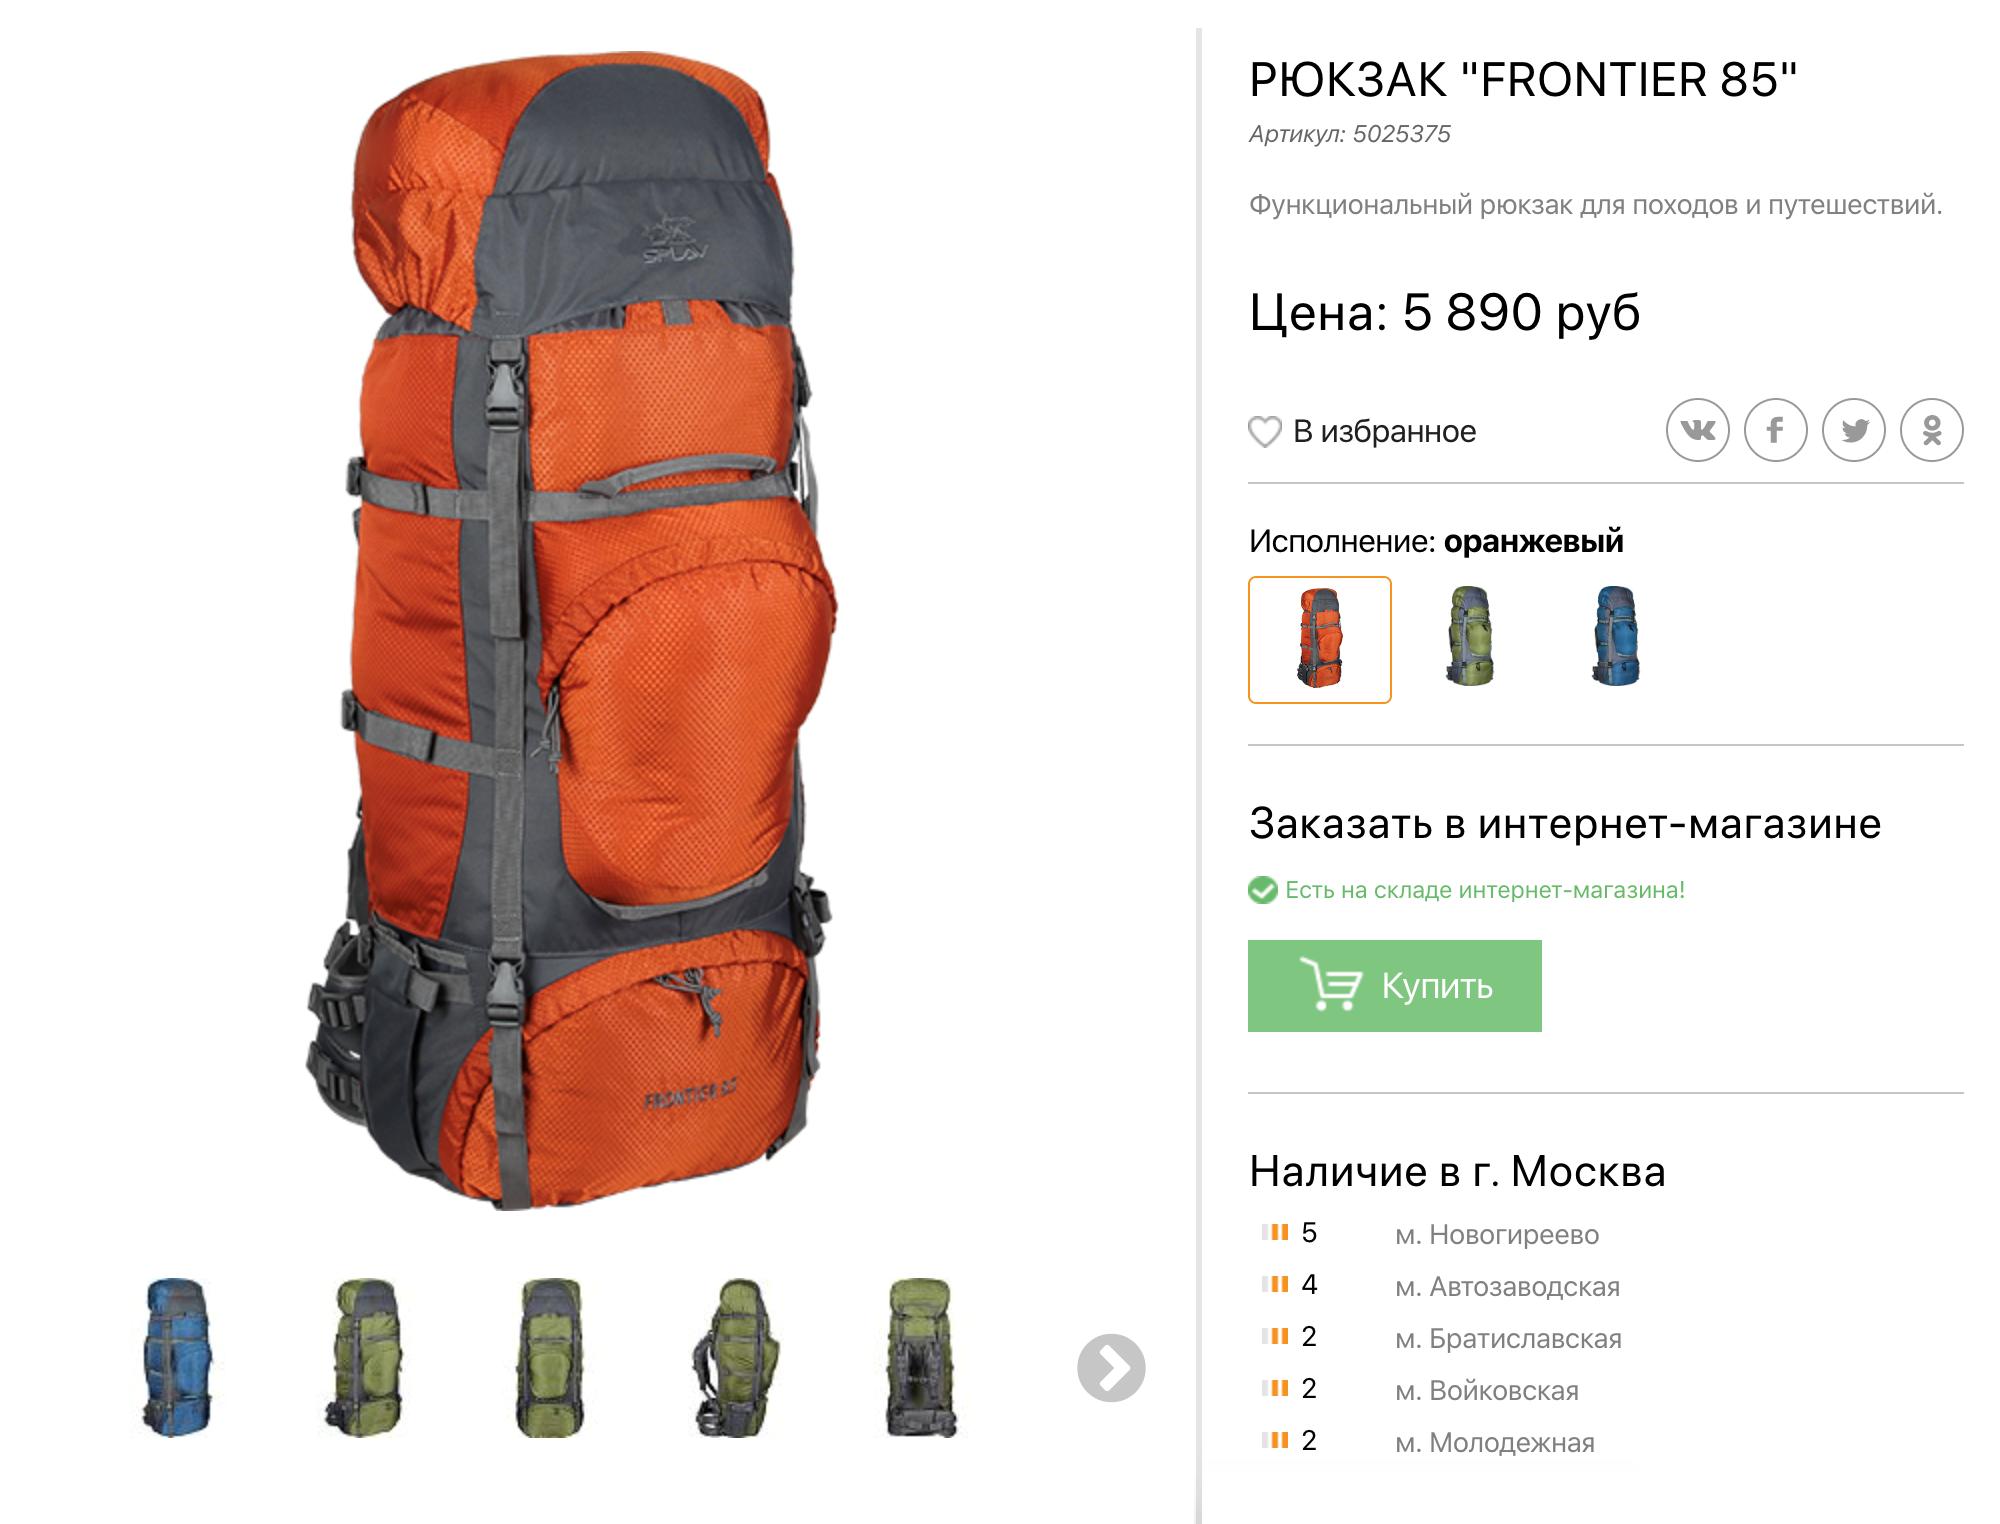 У меня вот такой рюкзак Frontier 85. Мне нравится его разгрузочная система — крепление напоясе. Если хорошо его затянуть, тонаплечи рюкзак практически недавит: вес переносится напоясницу